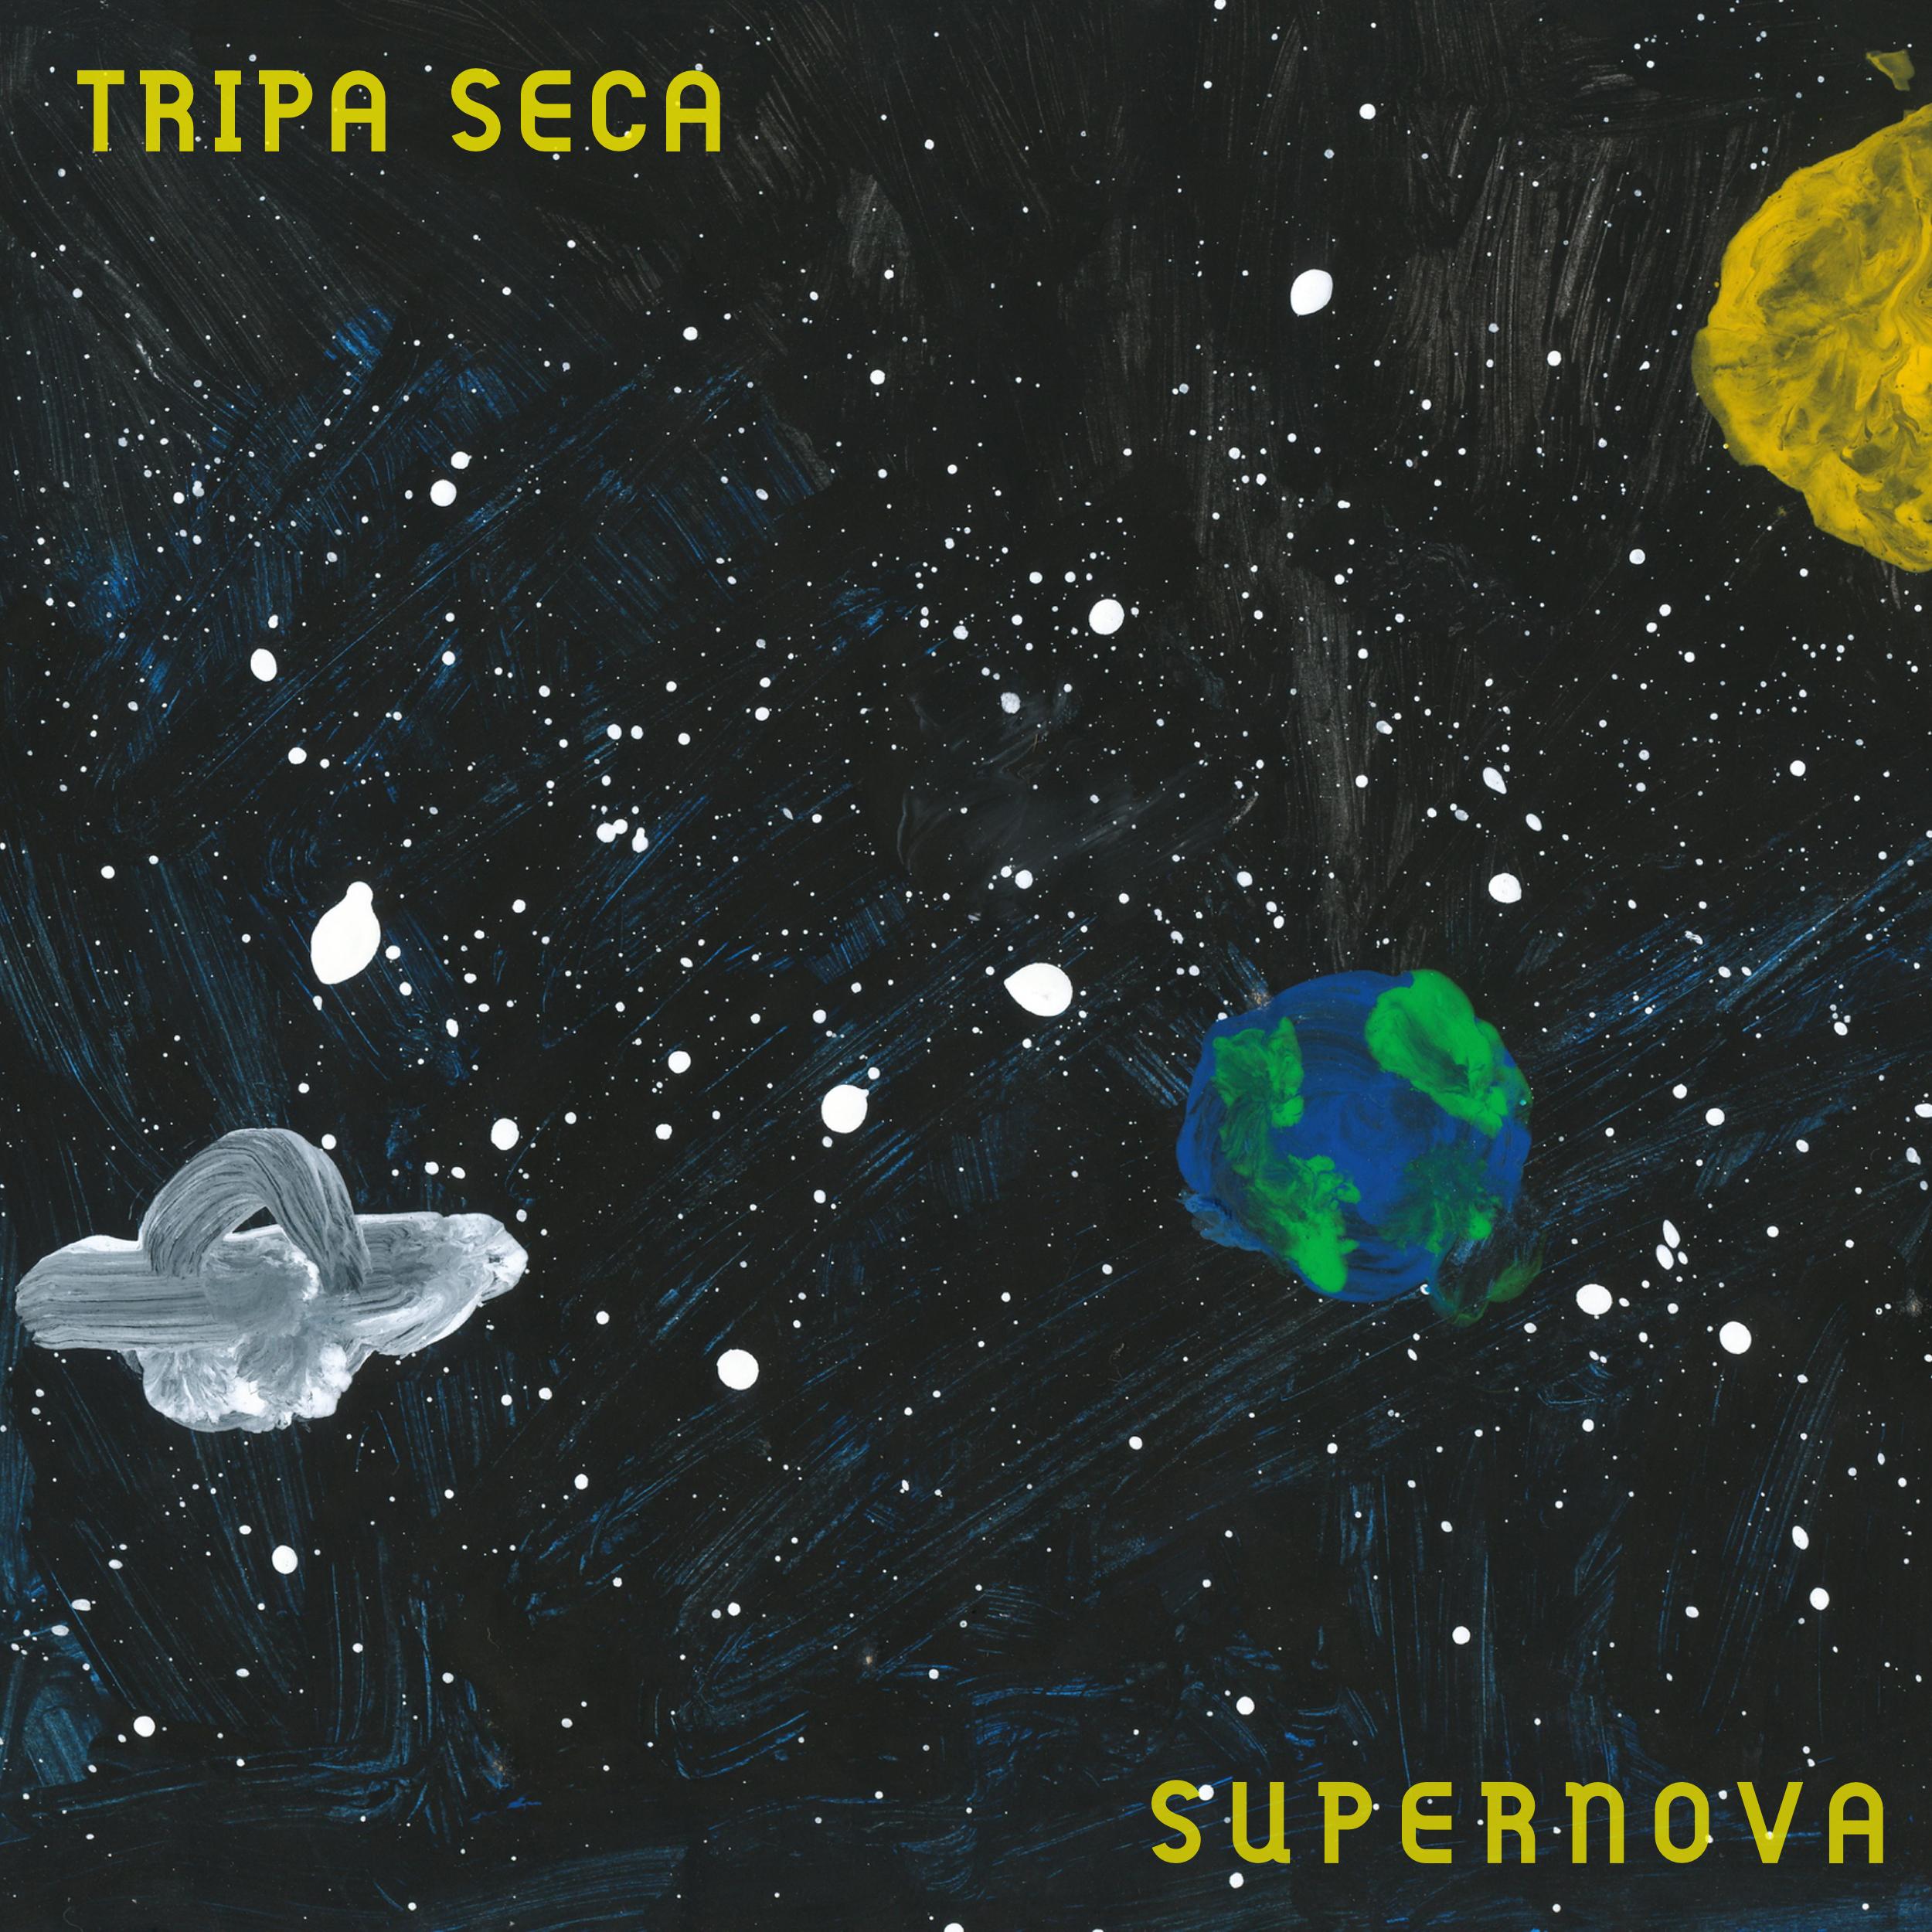 TRIPASECA_CAPAsupernova_FINAL1